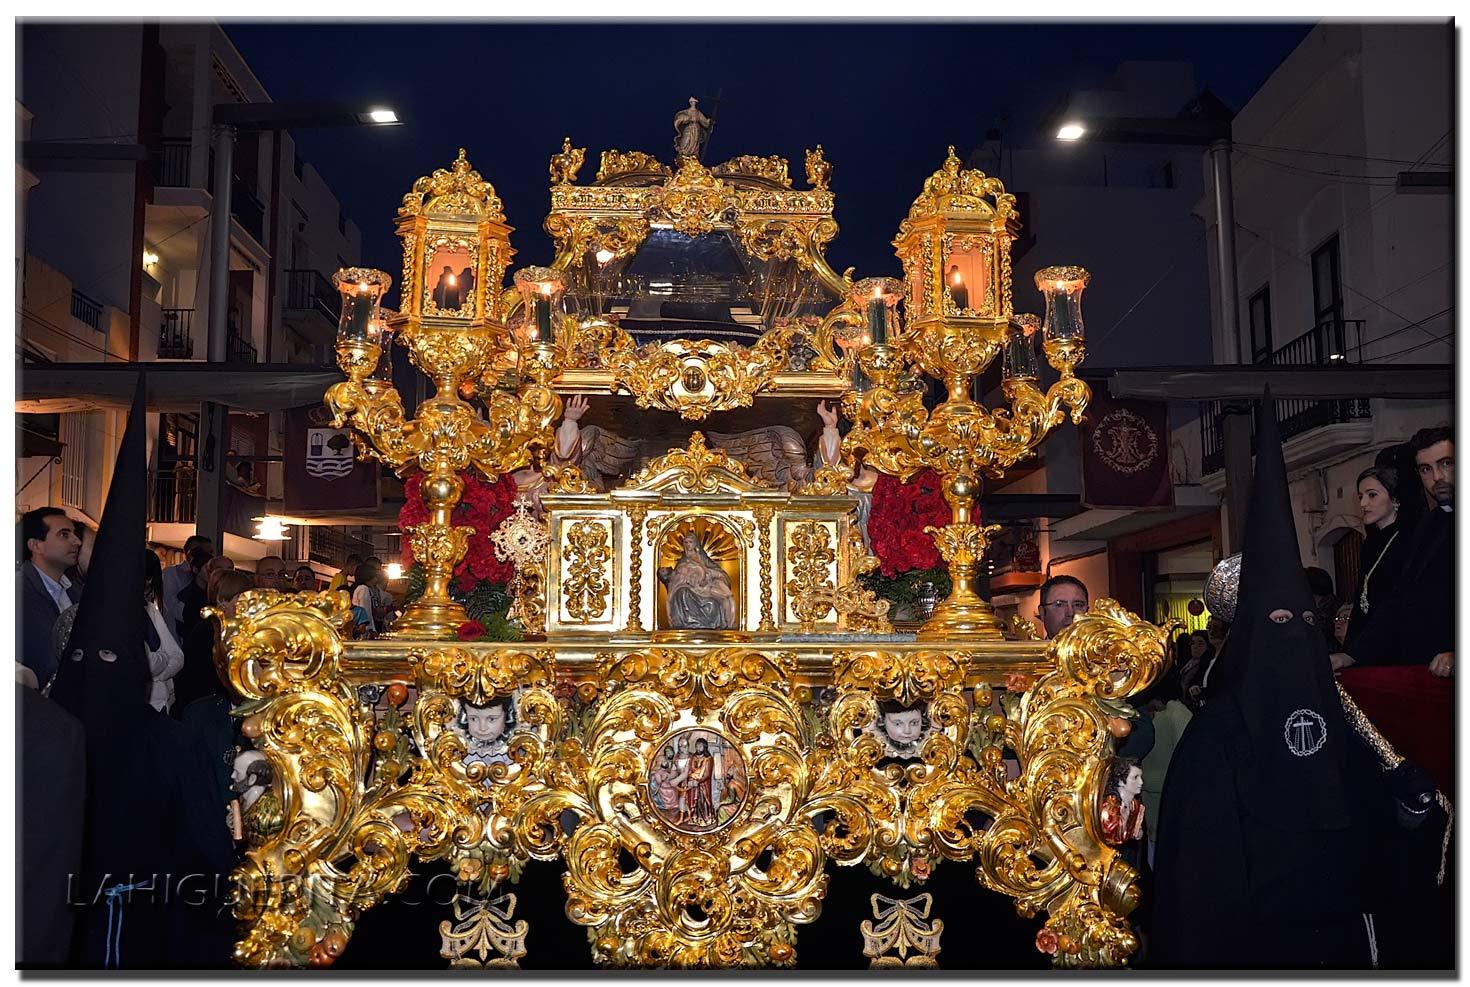 Santo entierro 2014